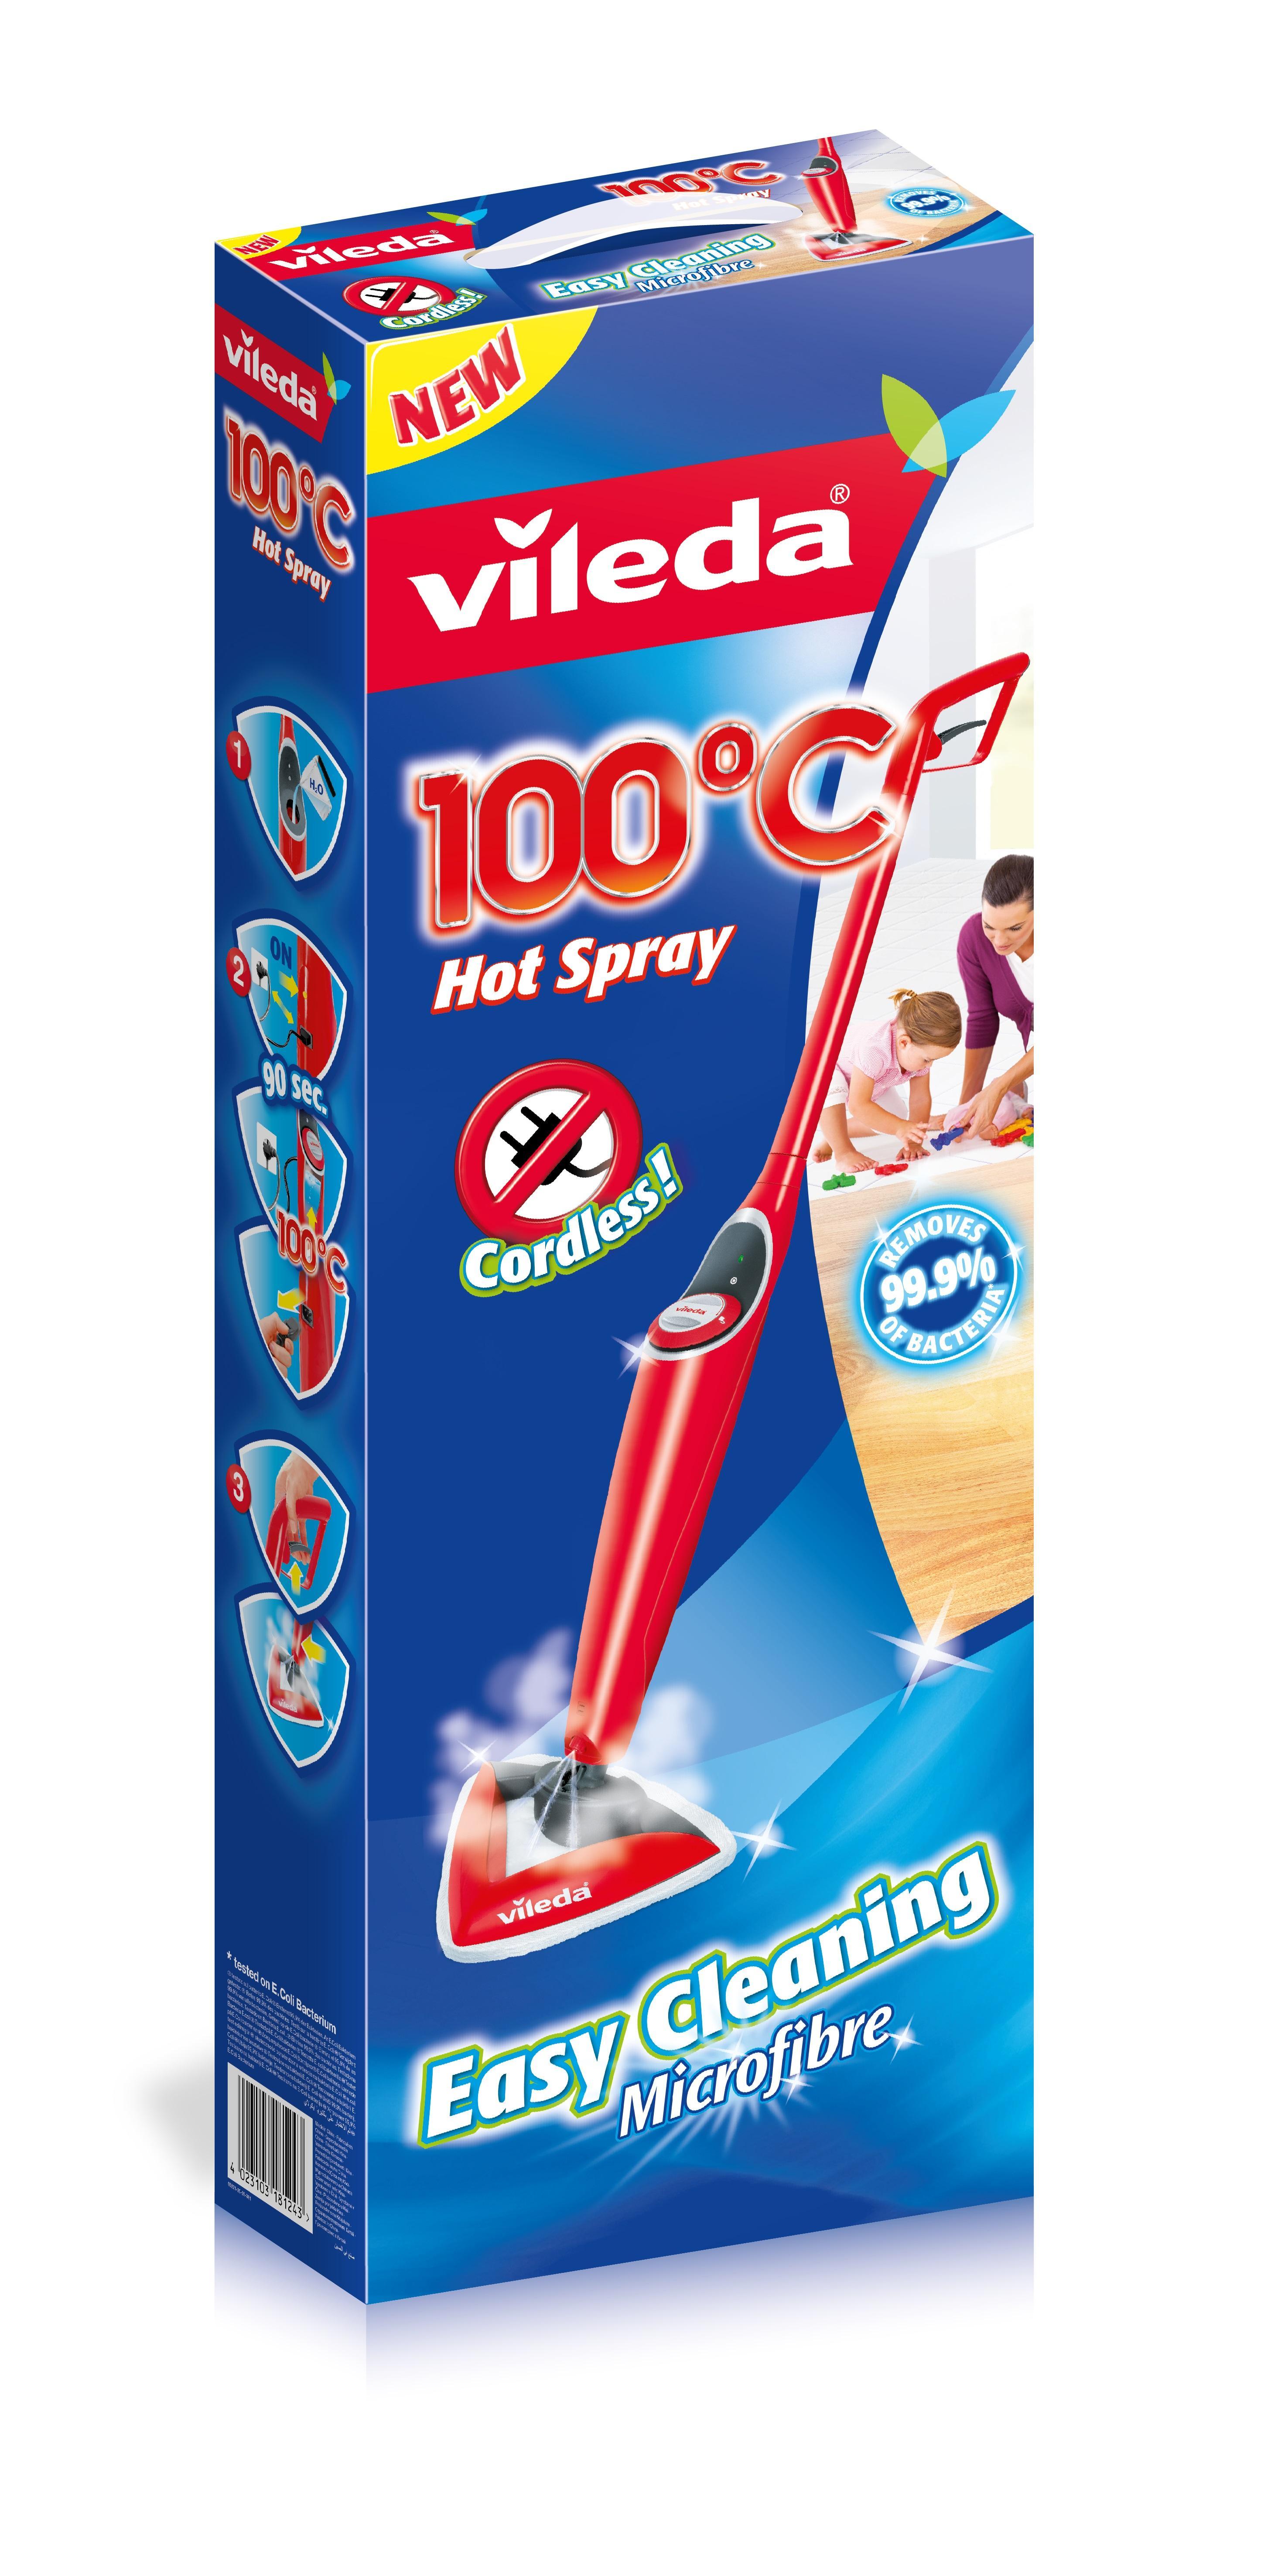 Vileda 100 c hot spray lavapavimenti con acqua ad alta for Lavapavimenti elettrico